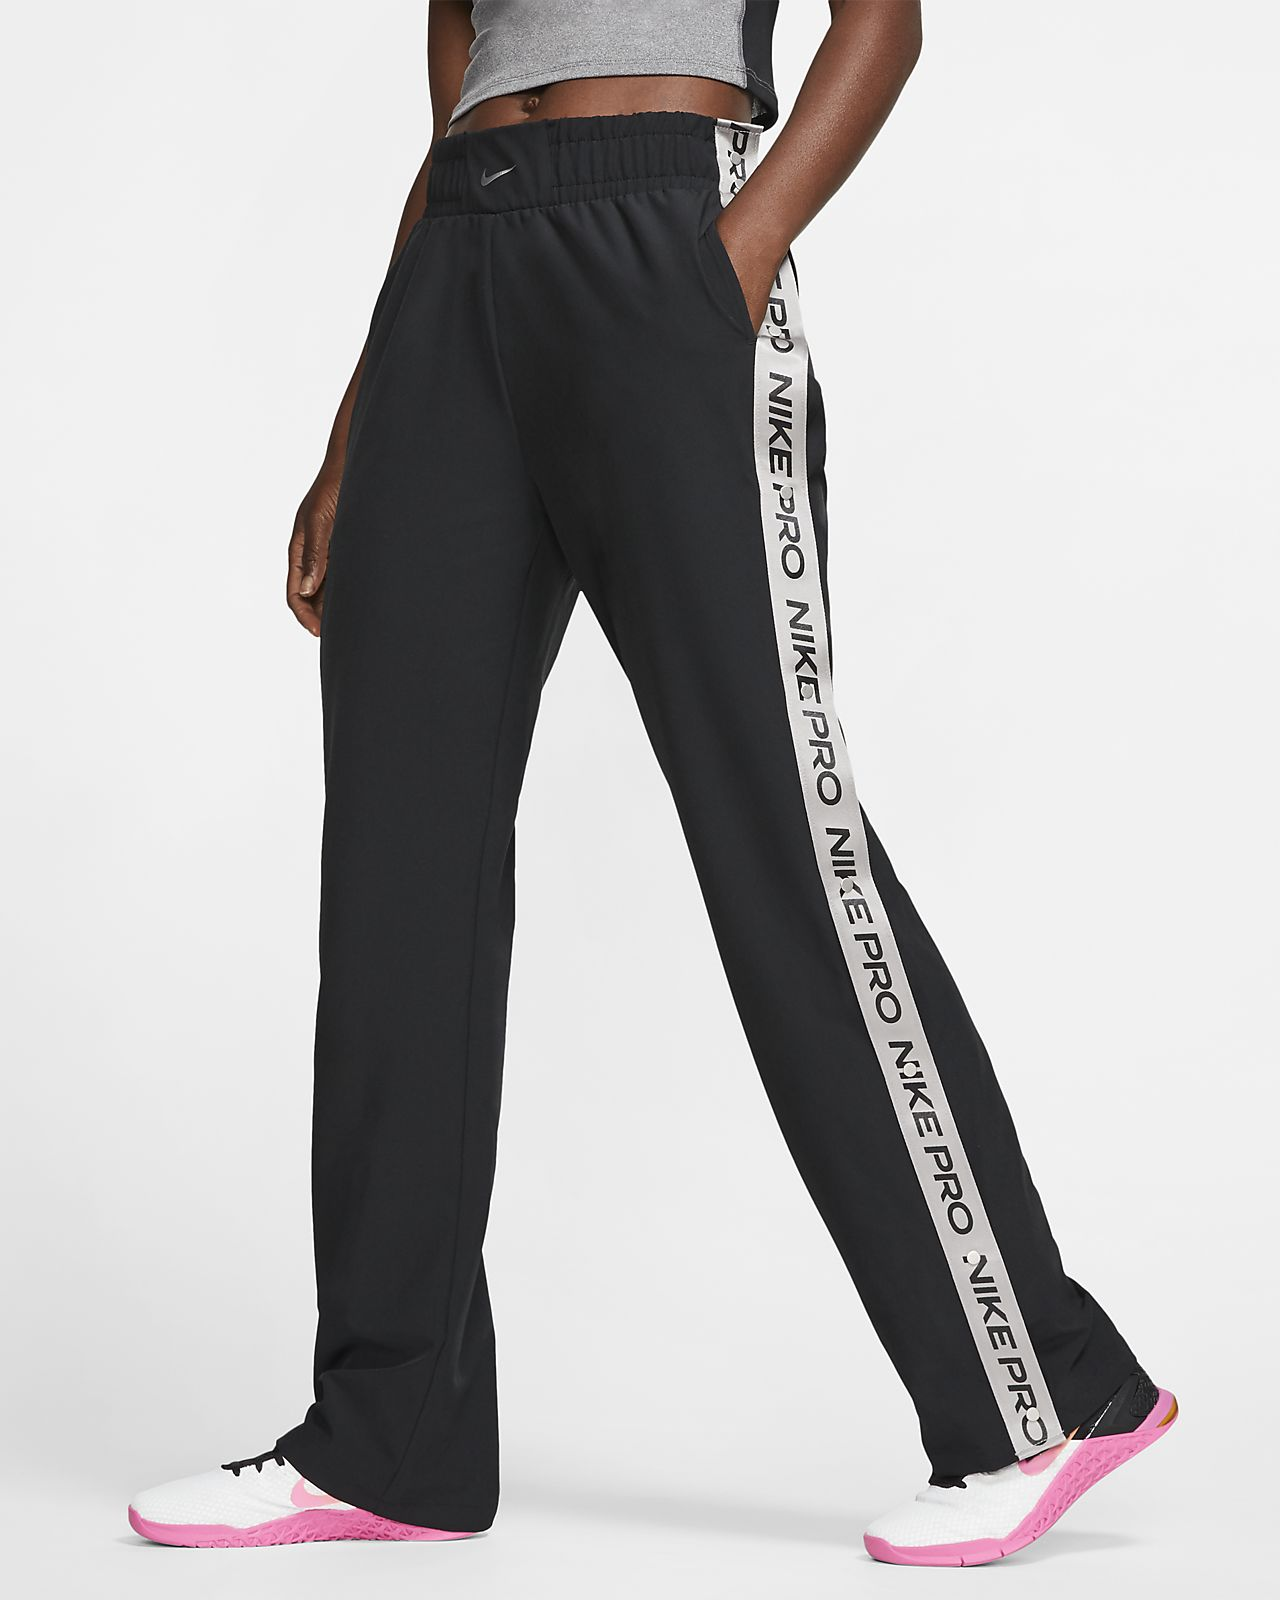 Dámské kalhoty Nike Pro s rozepínacími nohavicemi